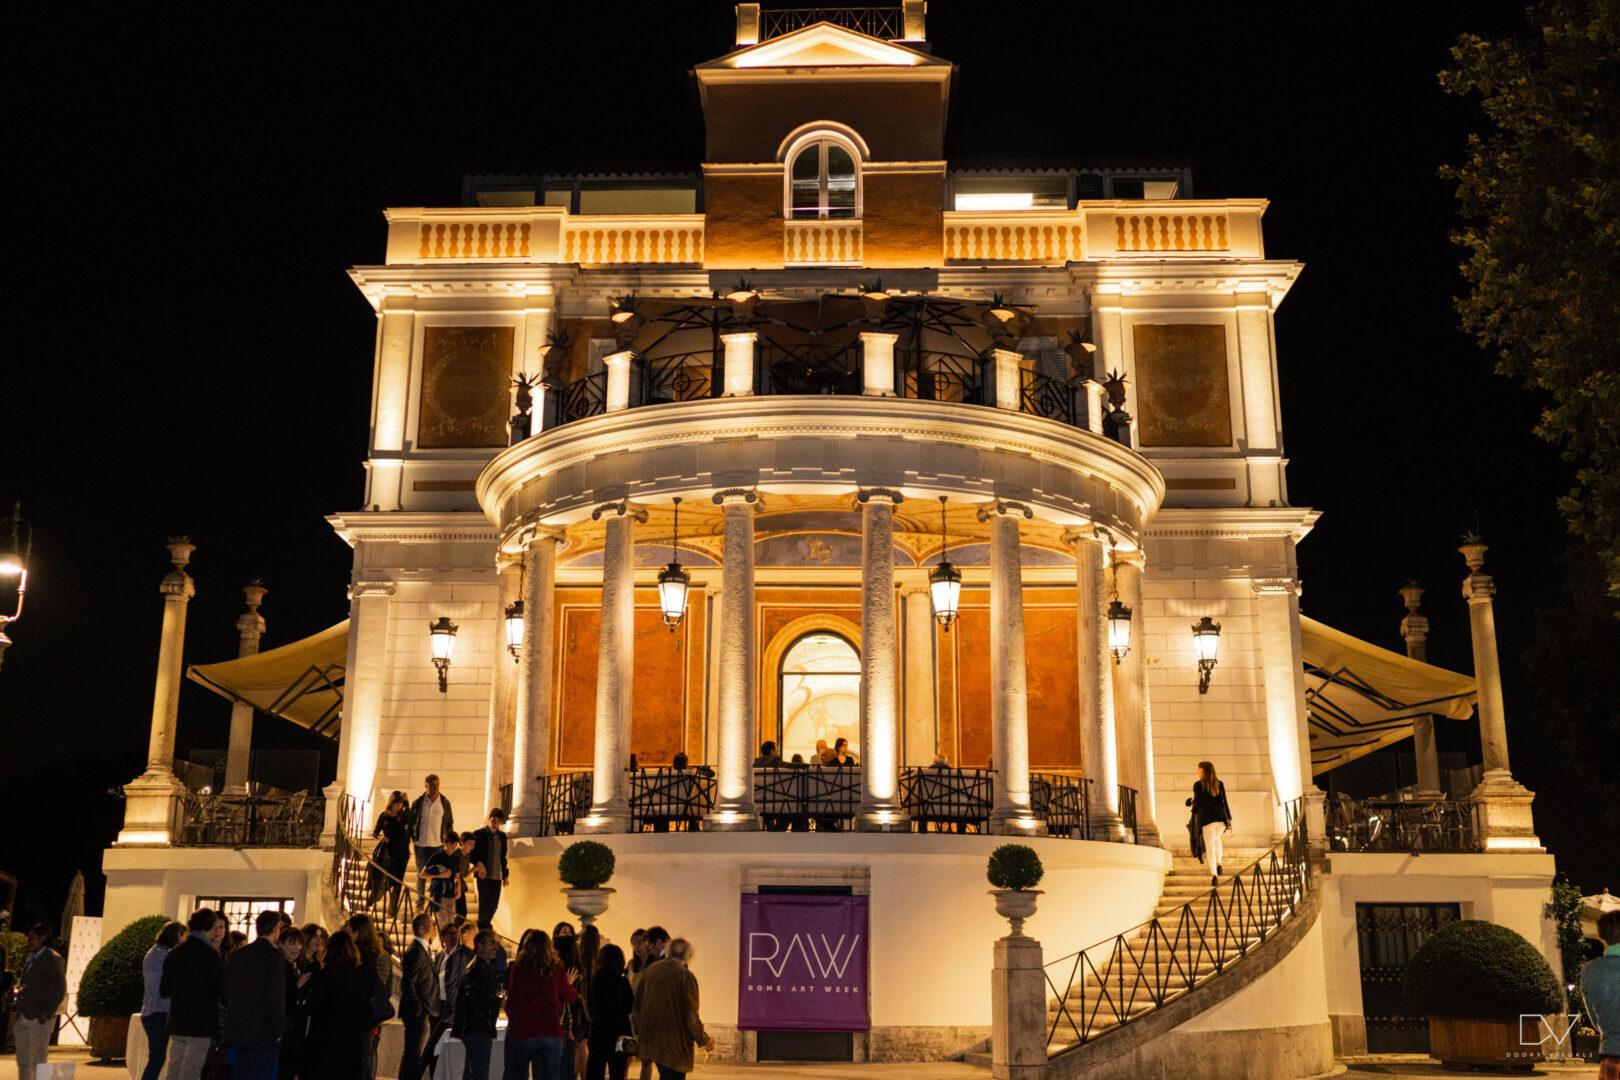 A Roma arriva la quinta edizione di Rome Art Week, la settimana dedicata all'arte contemporanea